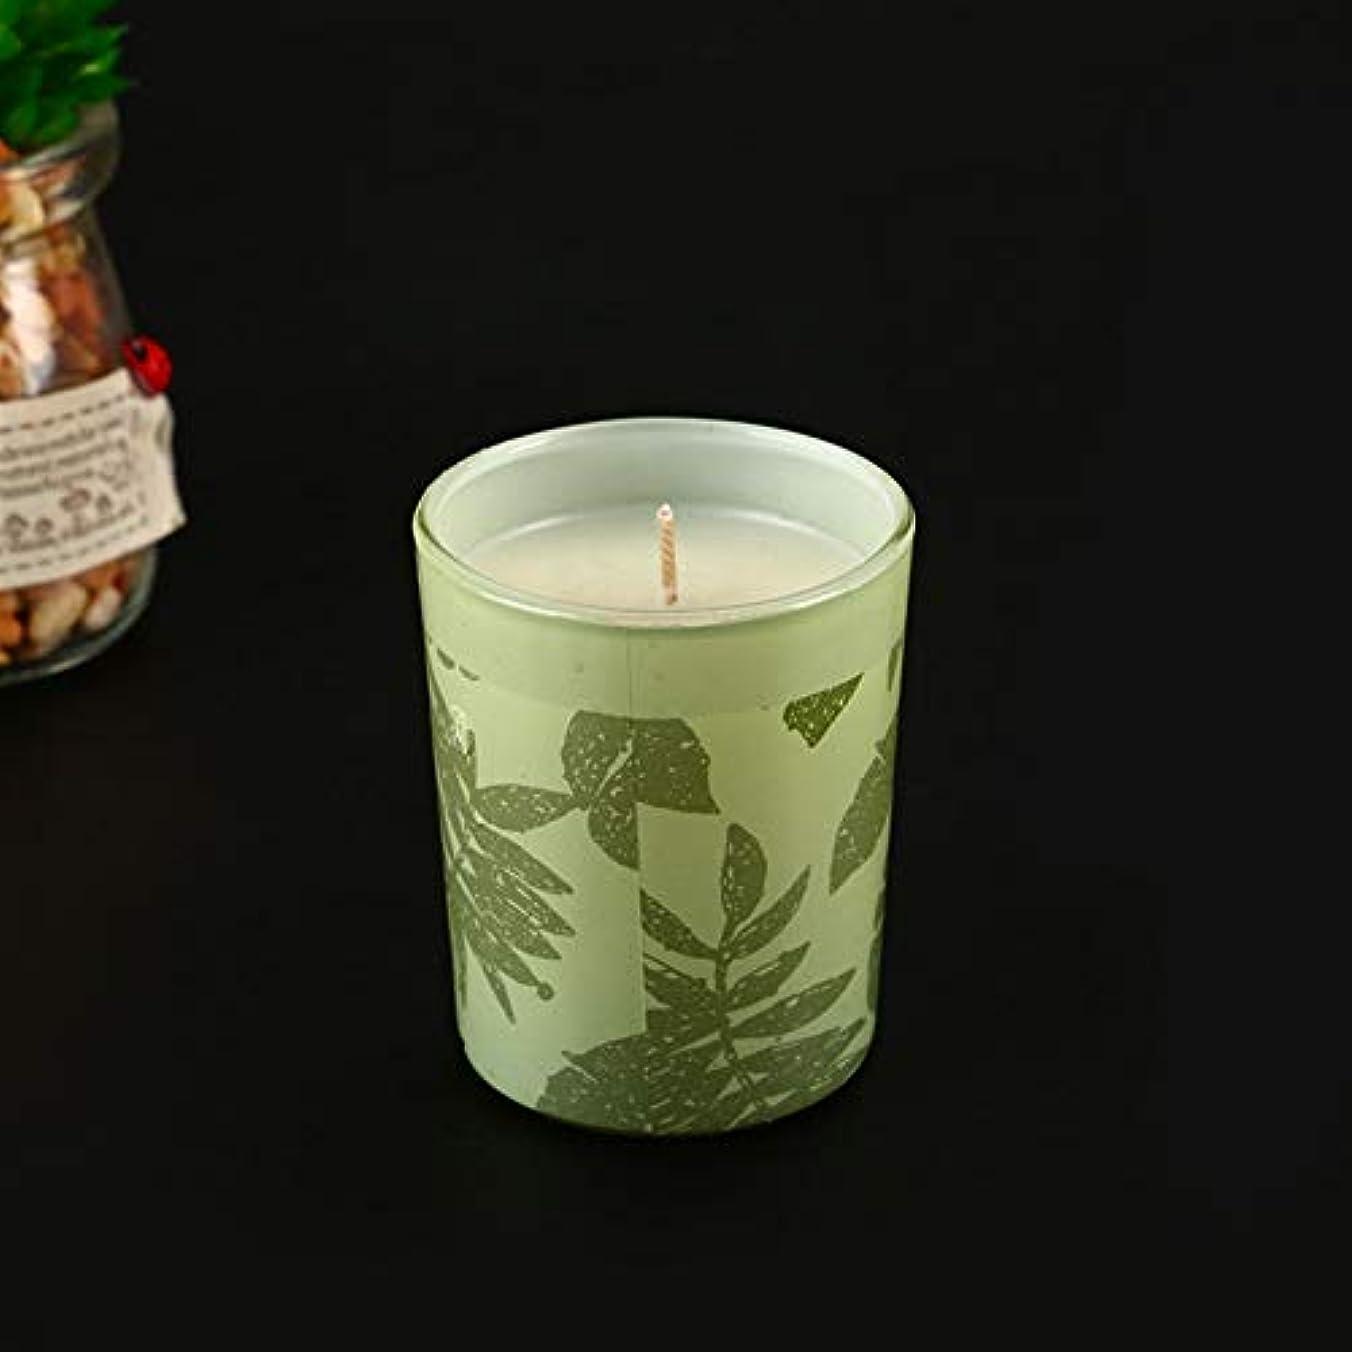 スキッパーいろいろ溶融Guomao アロマセラピーキャンドルガラス香料入りキャンドル無煙大豆キャンドル誕生日キャンドル (色 : Green tea)